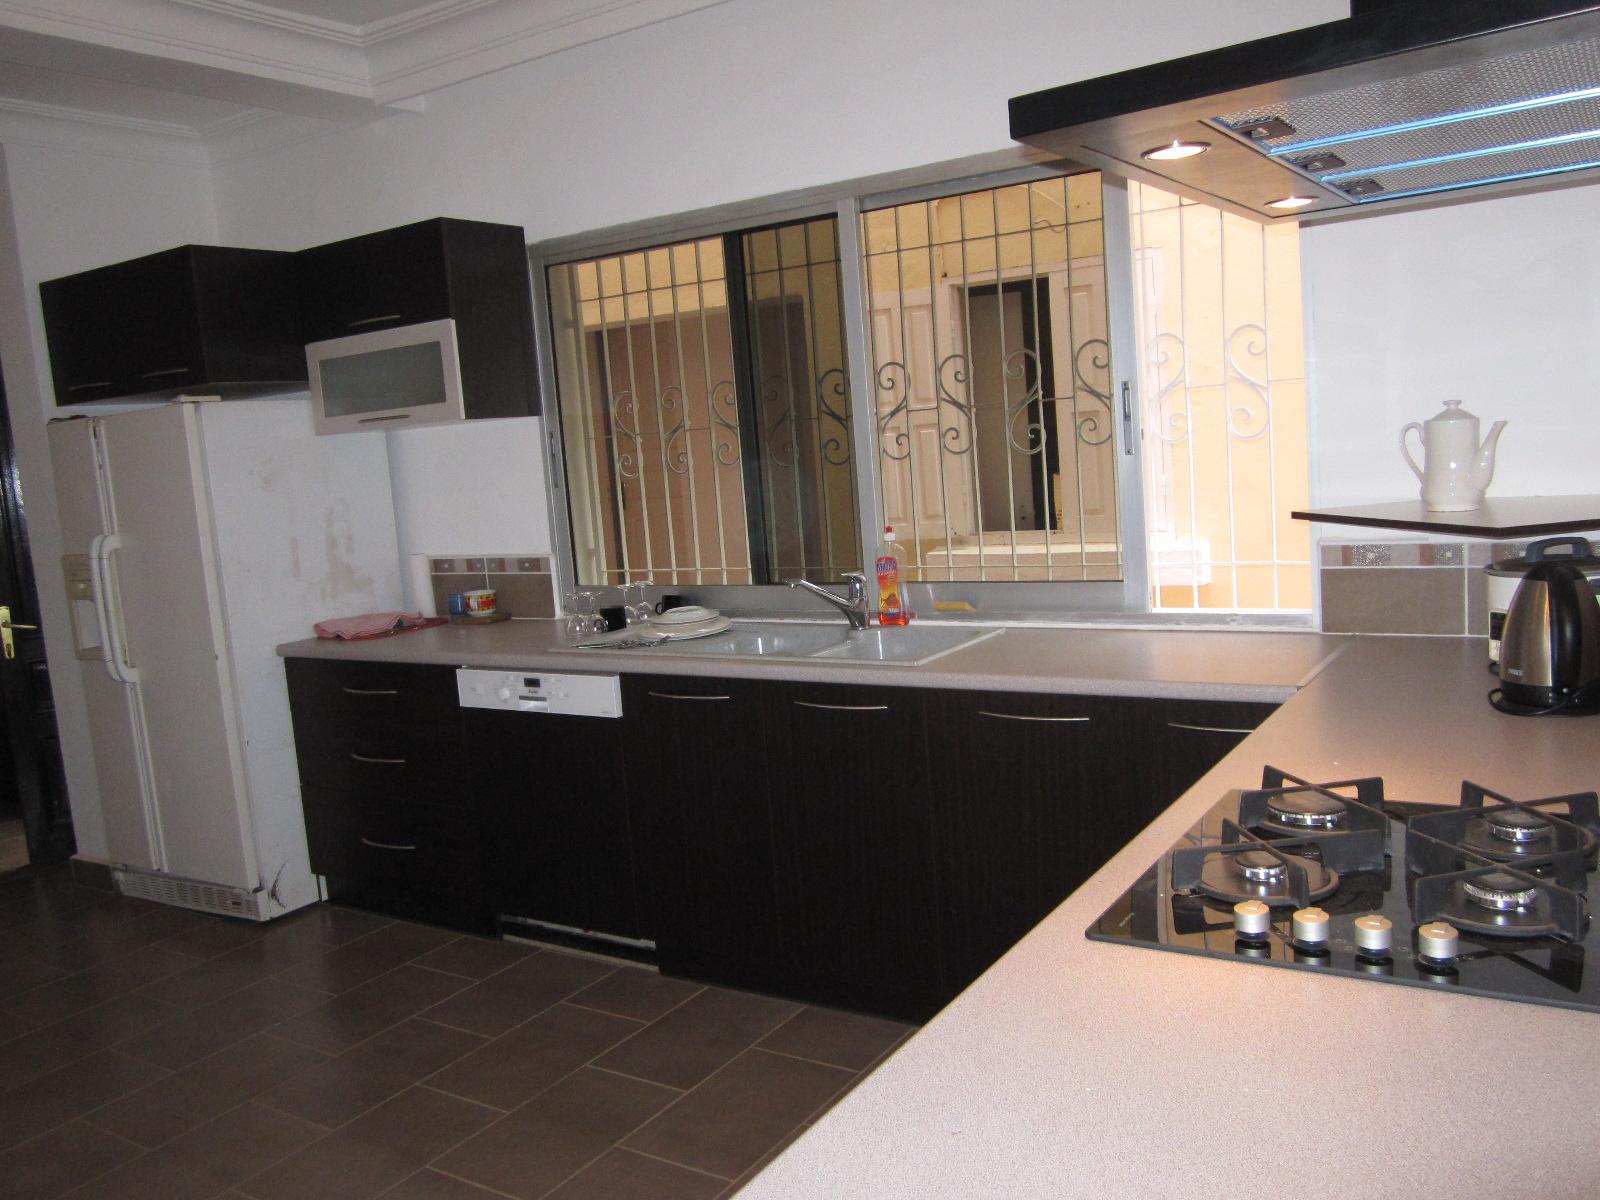 image de cuisine amnage assistant marketing and manager. Black Bedroom Furniture Sets. Home Design Ideas